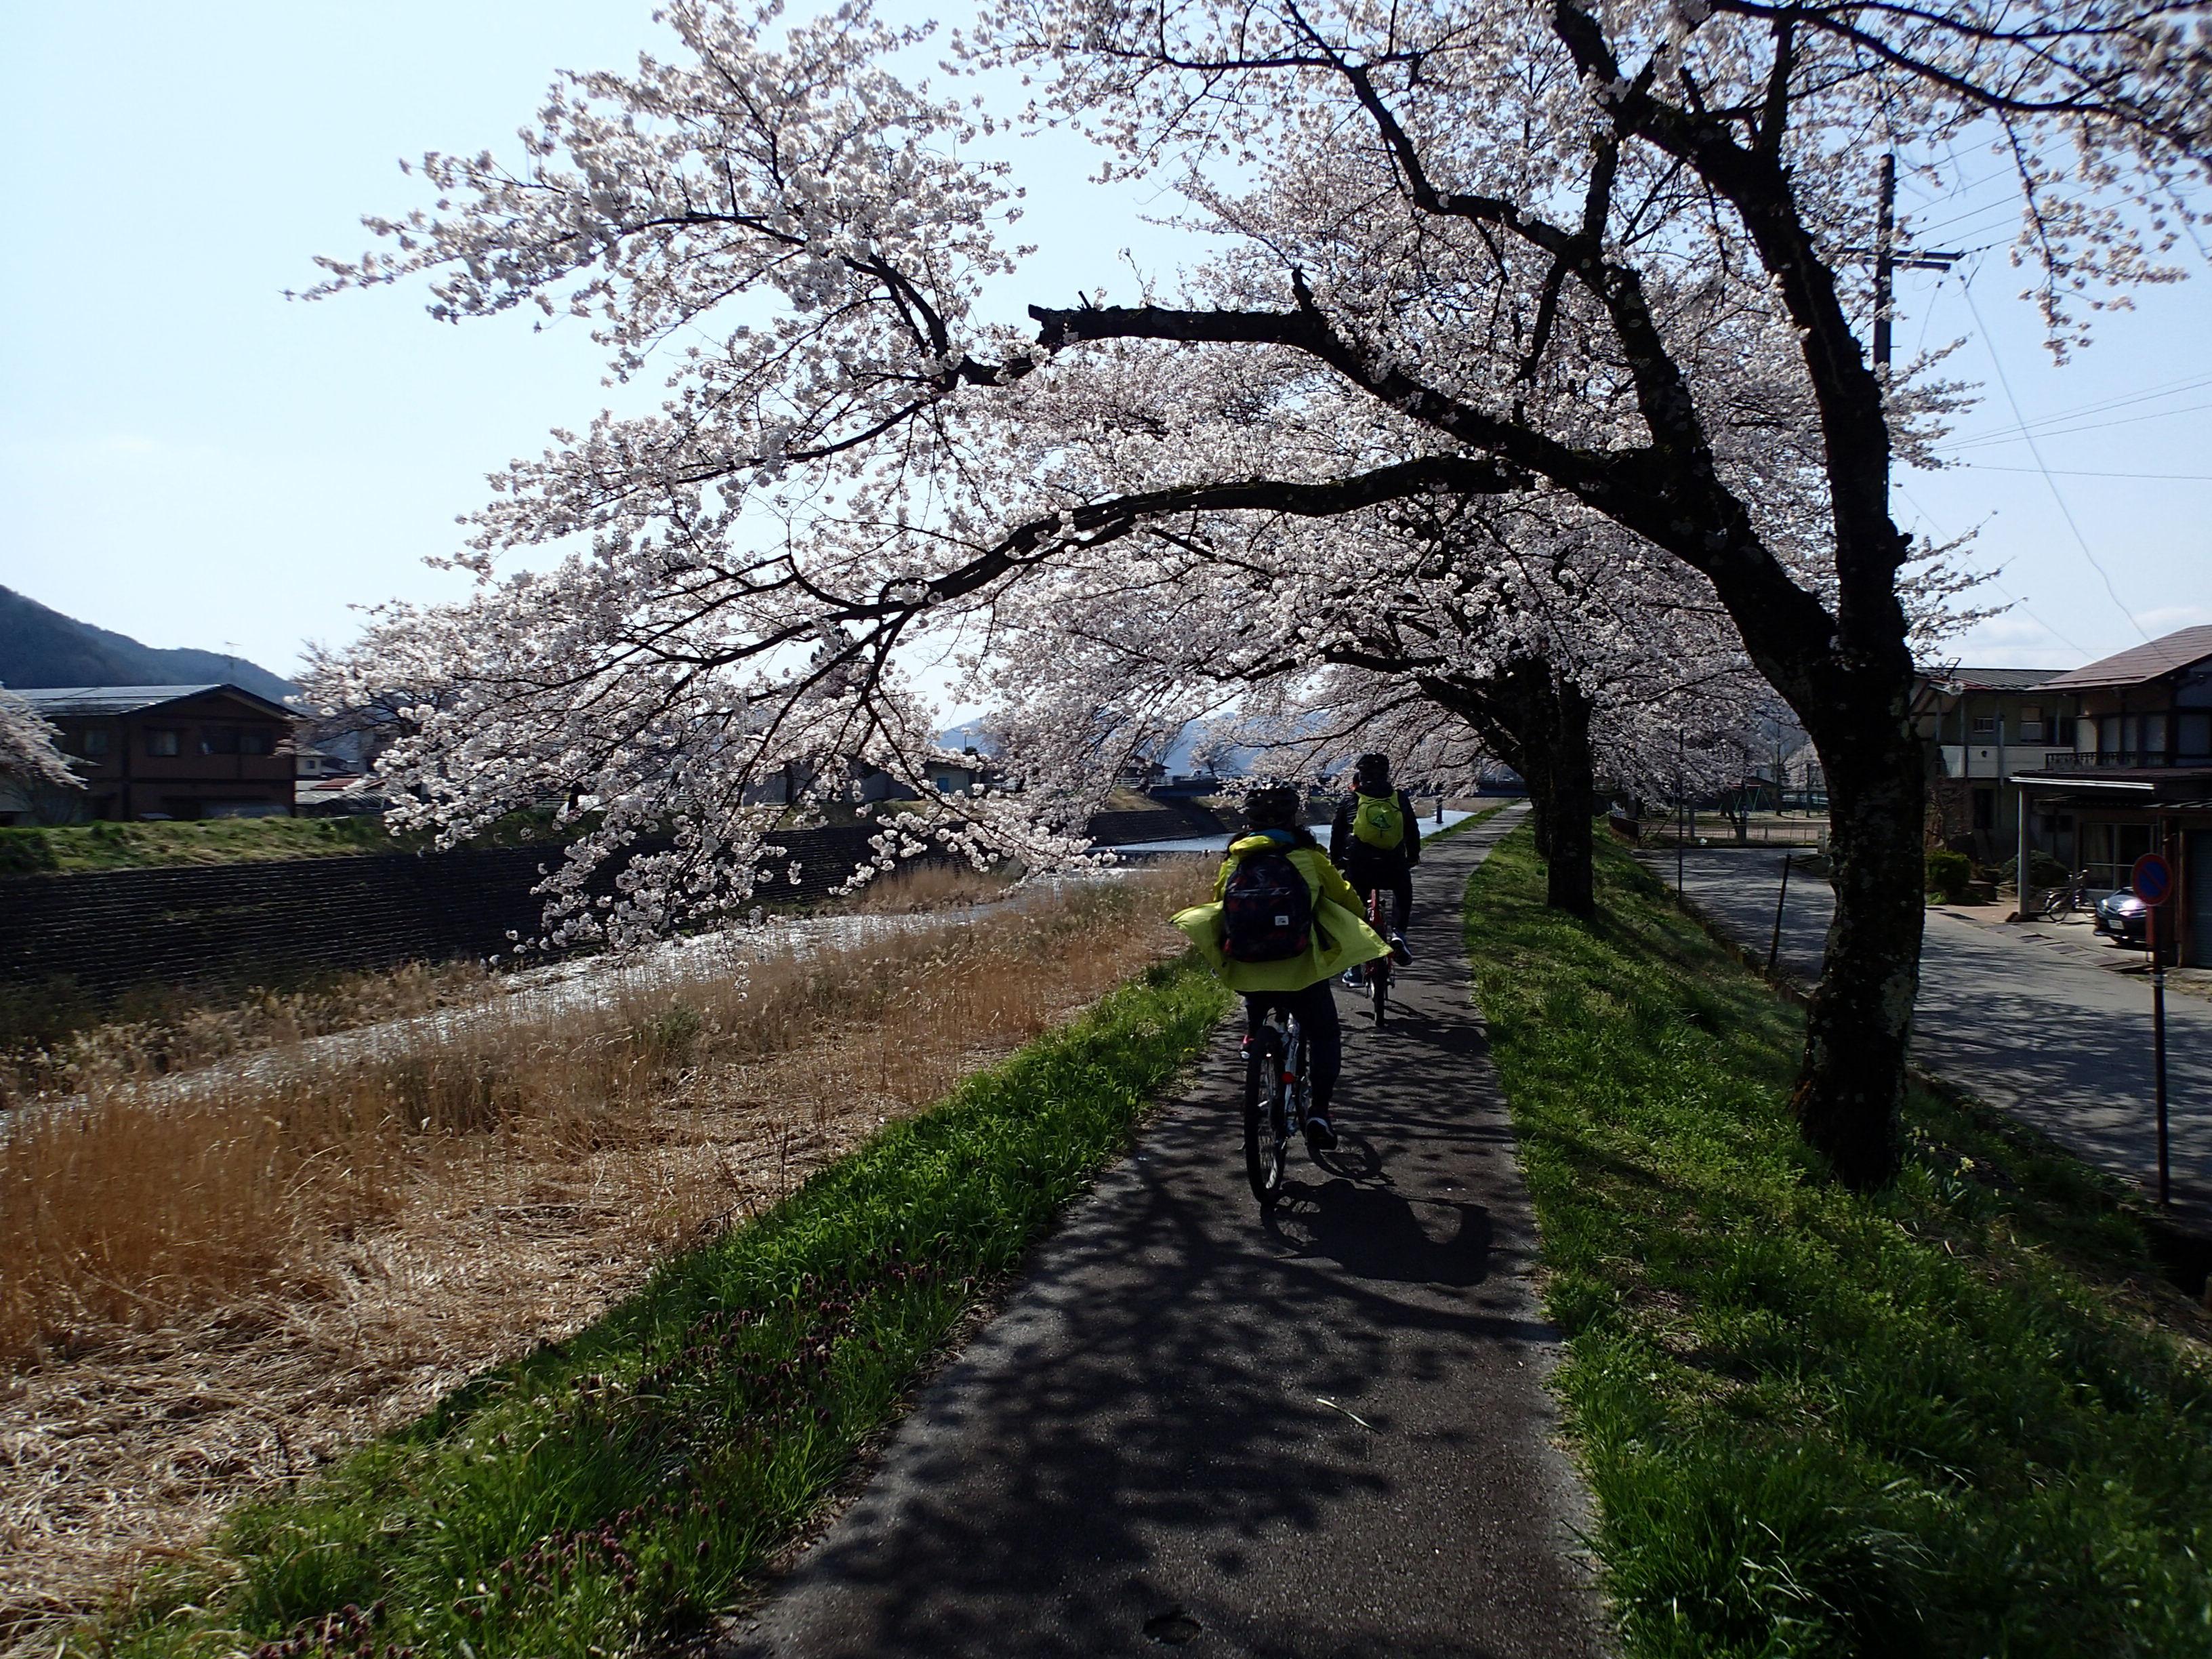 Randonnée à vélo sous les cerisiers